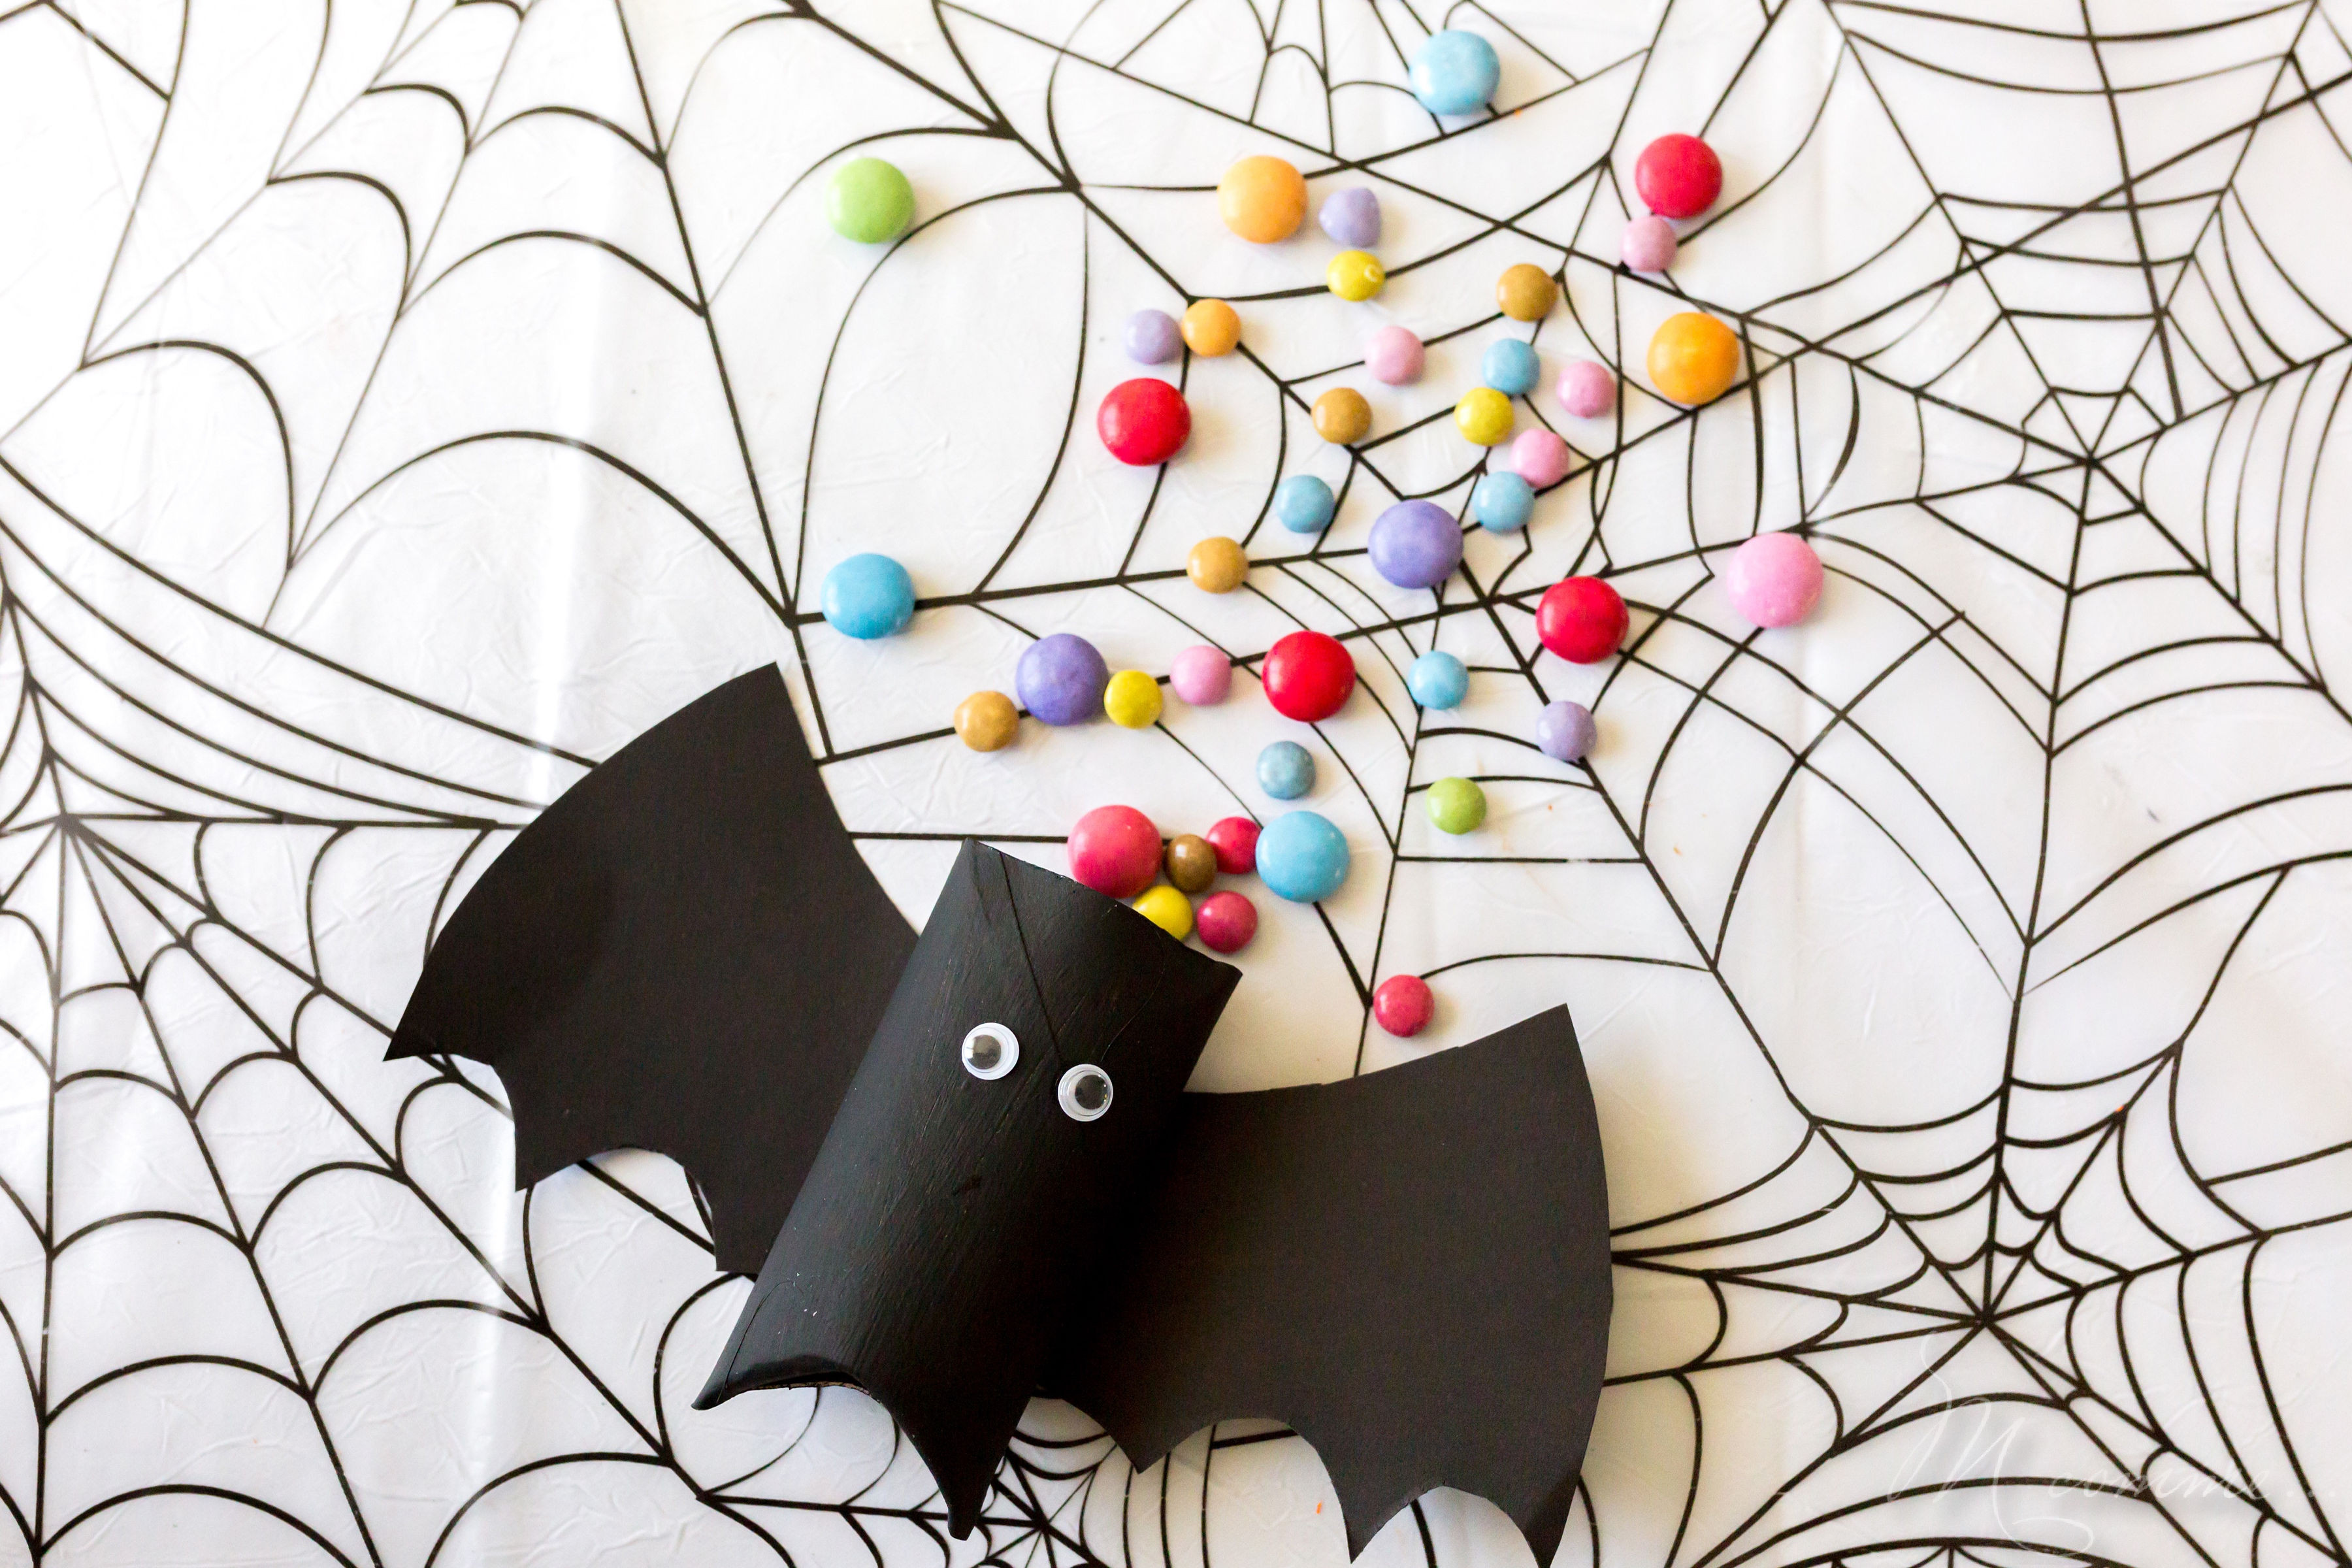 C'est les vacances et vous ne savez peut-être pas comment occuper les enfants qui commencent à trouver le temps long à l'approche d'Halloween. Je vous propose un tuto chauve-souris qui vous aidera à les faire patienter. #halloween #tuto #diy #chauvesouris #activitesmanuelles #activiteenfant #enfant